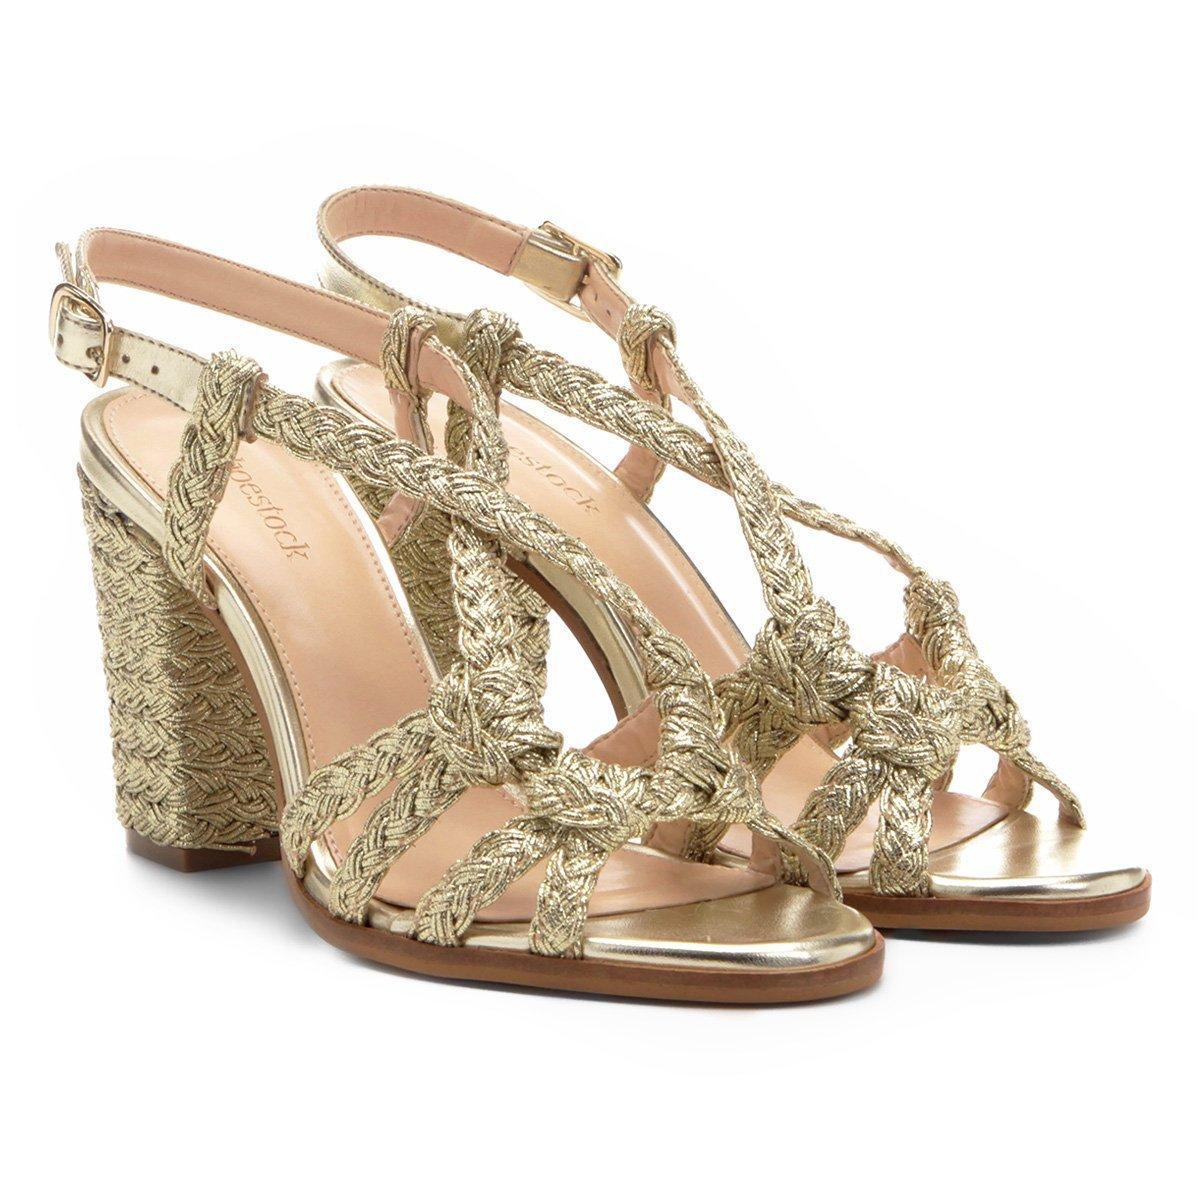 c5c838694d Sandália Shoestock Salto Grosso Trançado Corda Feminina